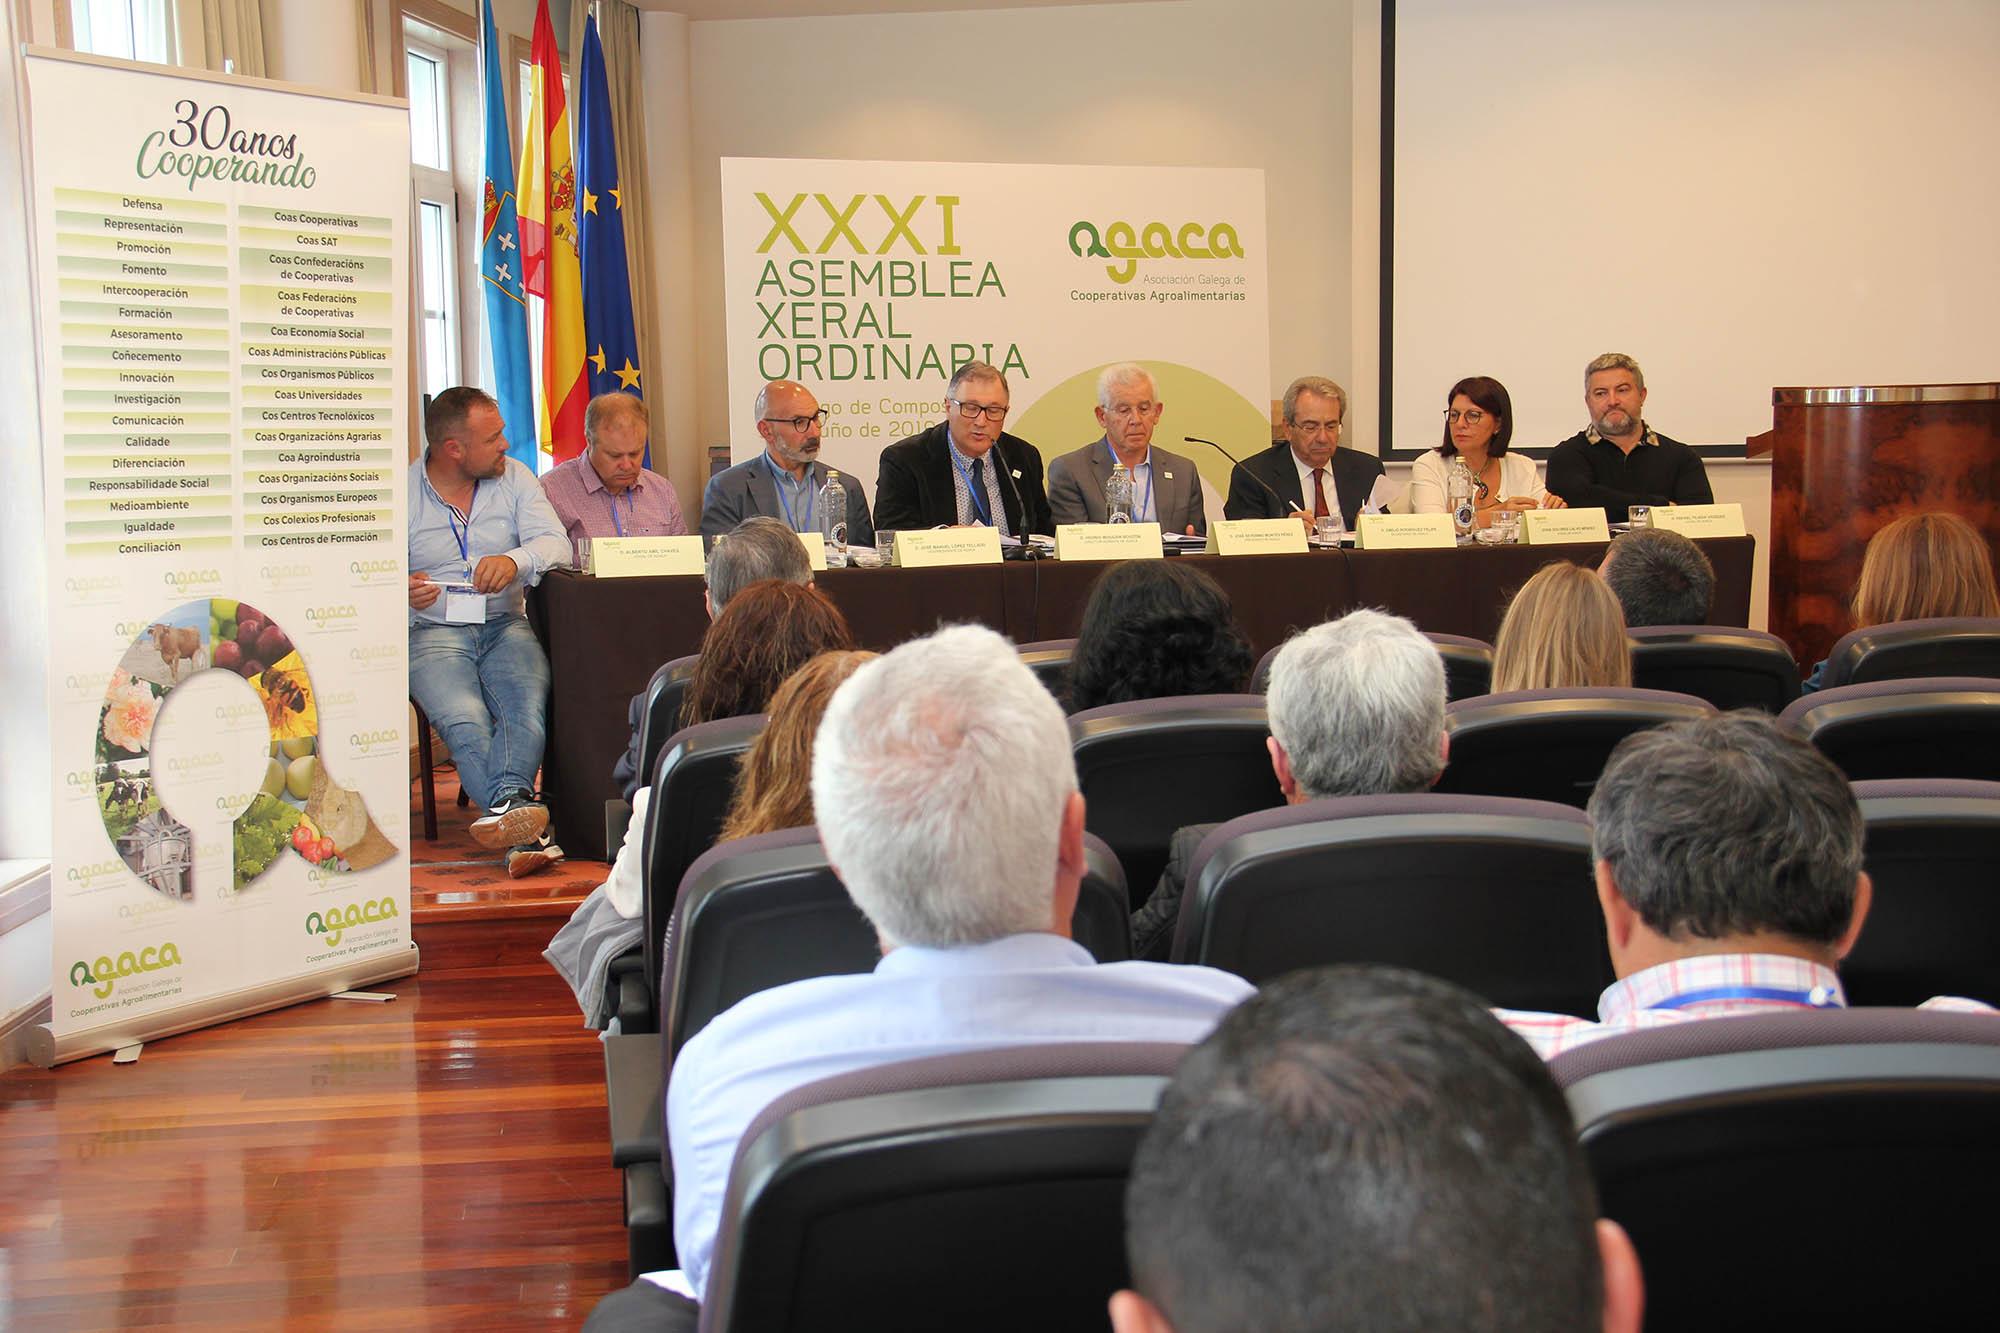 Agaca celebra su XXXI Asamblea General y que Galicia es Región Amiga de la Economía Social